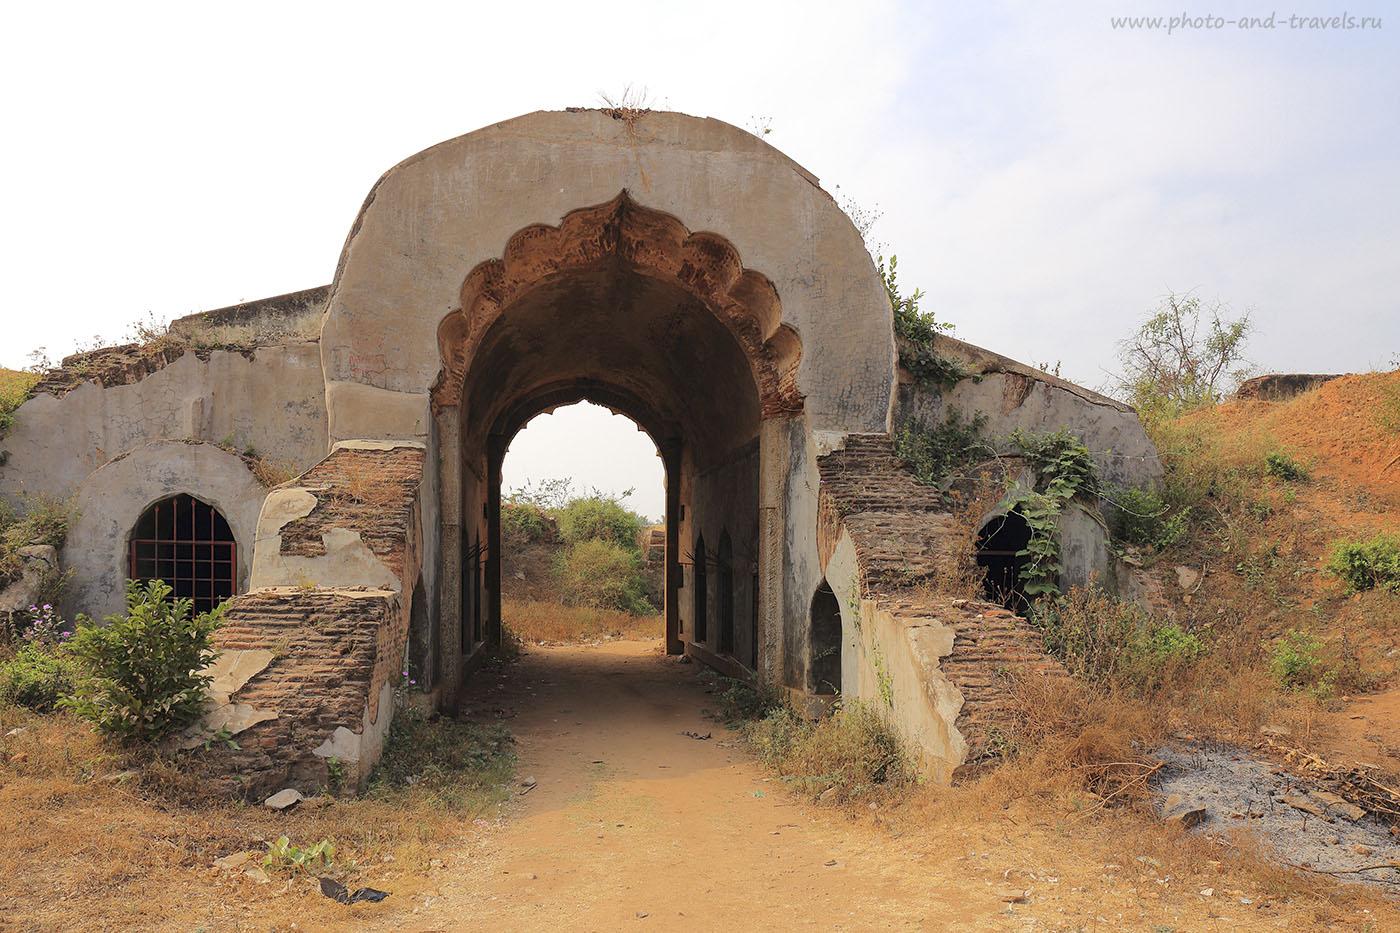 Фото 1. Отдых в Индии. Делийские ворота. Руины. Поездка на экскурсию в штат Карнатака. Камера CanonEOS 6D, объектив Canon 17-40/4. Настройки при съемке: выдержка 1/80 секунды, диафрагма f/9.0, ISO 100, фокусное расстояние 24 мм.